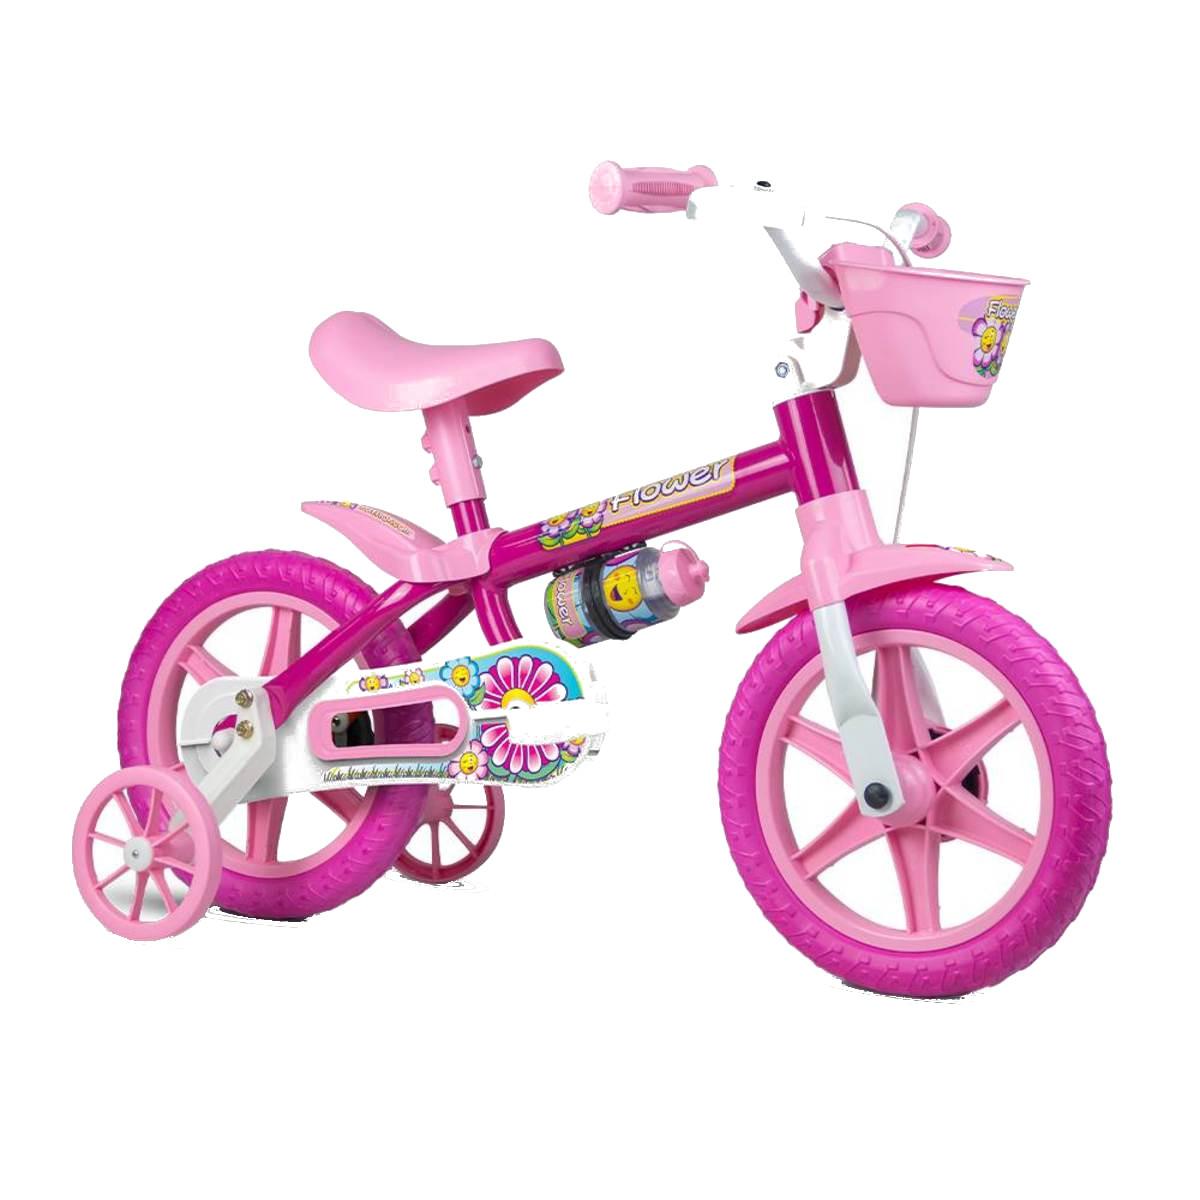 Bicicleta Infantil Nathor Flowes Rosa Aro 12 Com Cesta